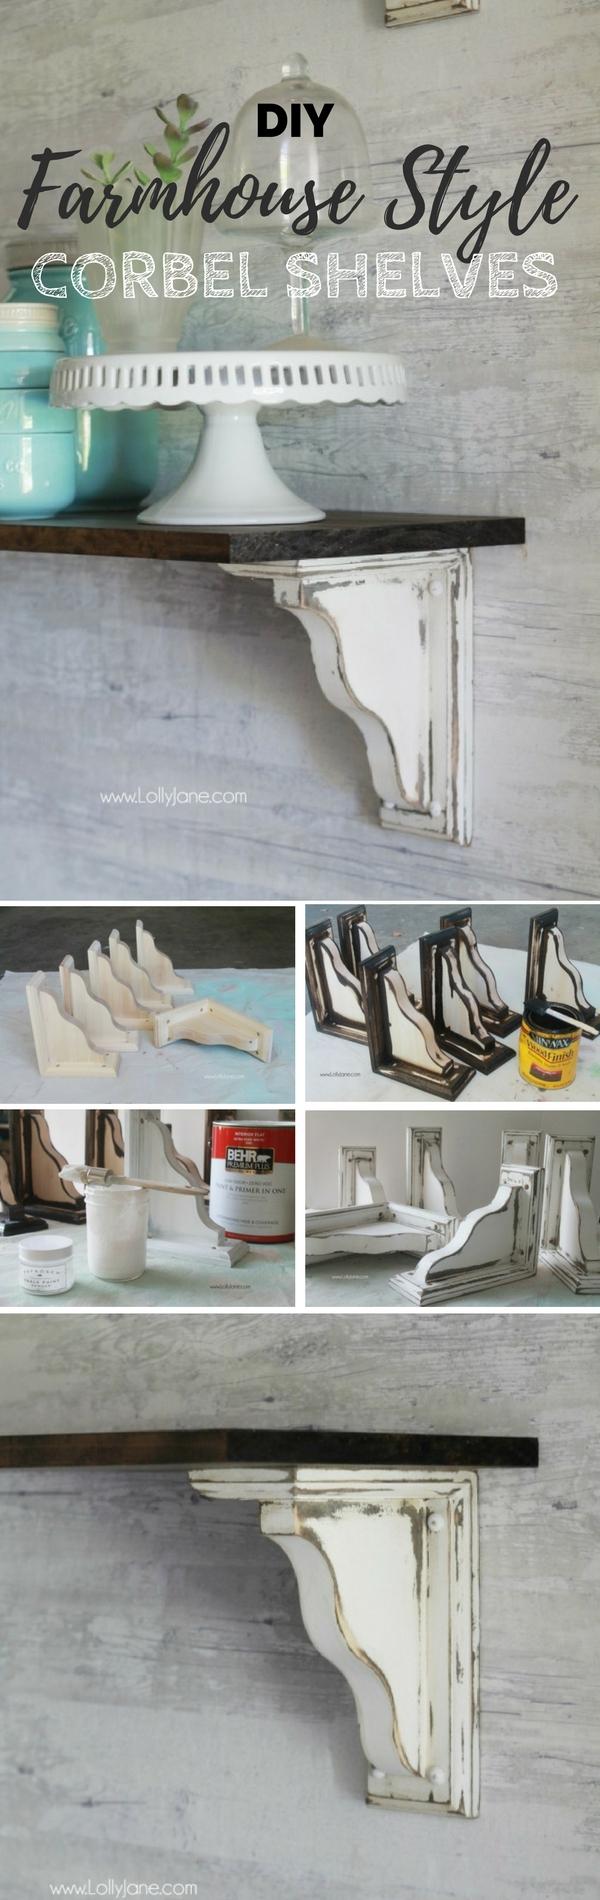 15+ Estupendas Estanterias DIY para Embellecer tu Casa